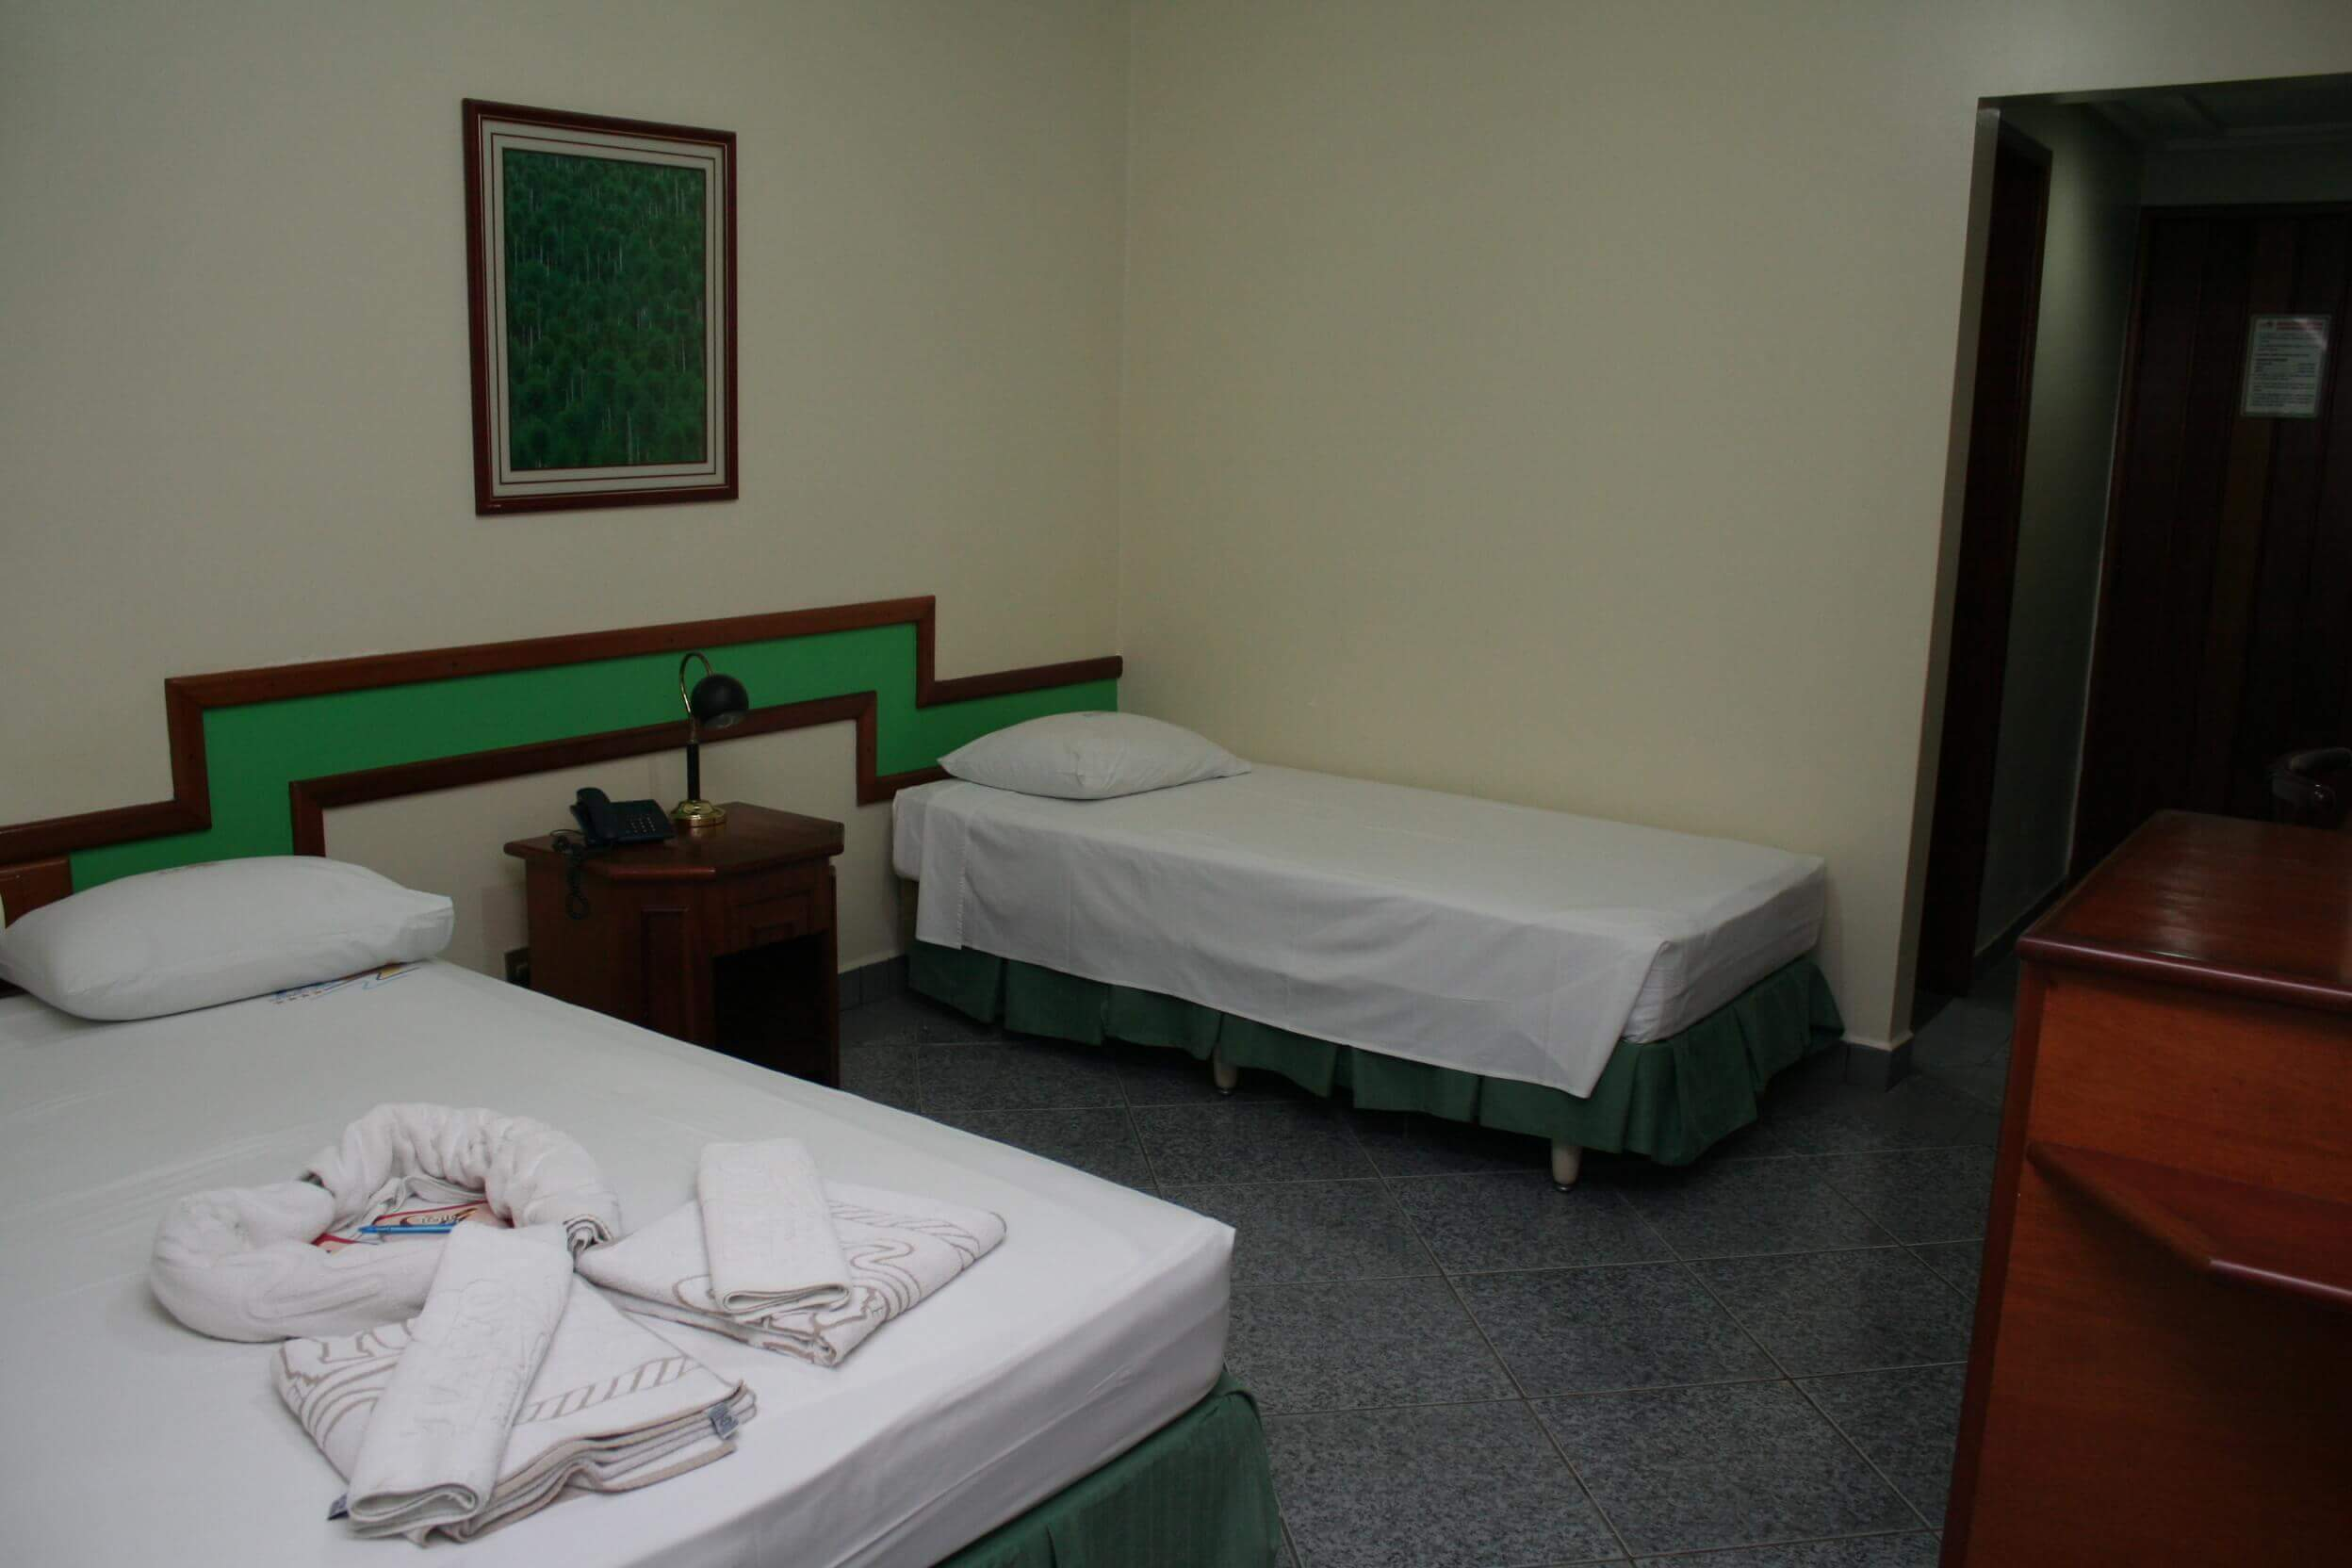 Taiyo Hotel em Caldas Novas